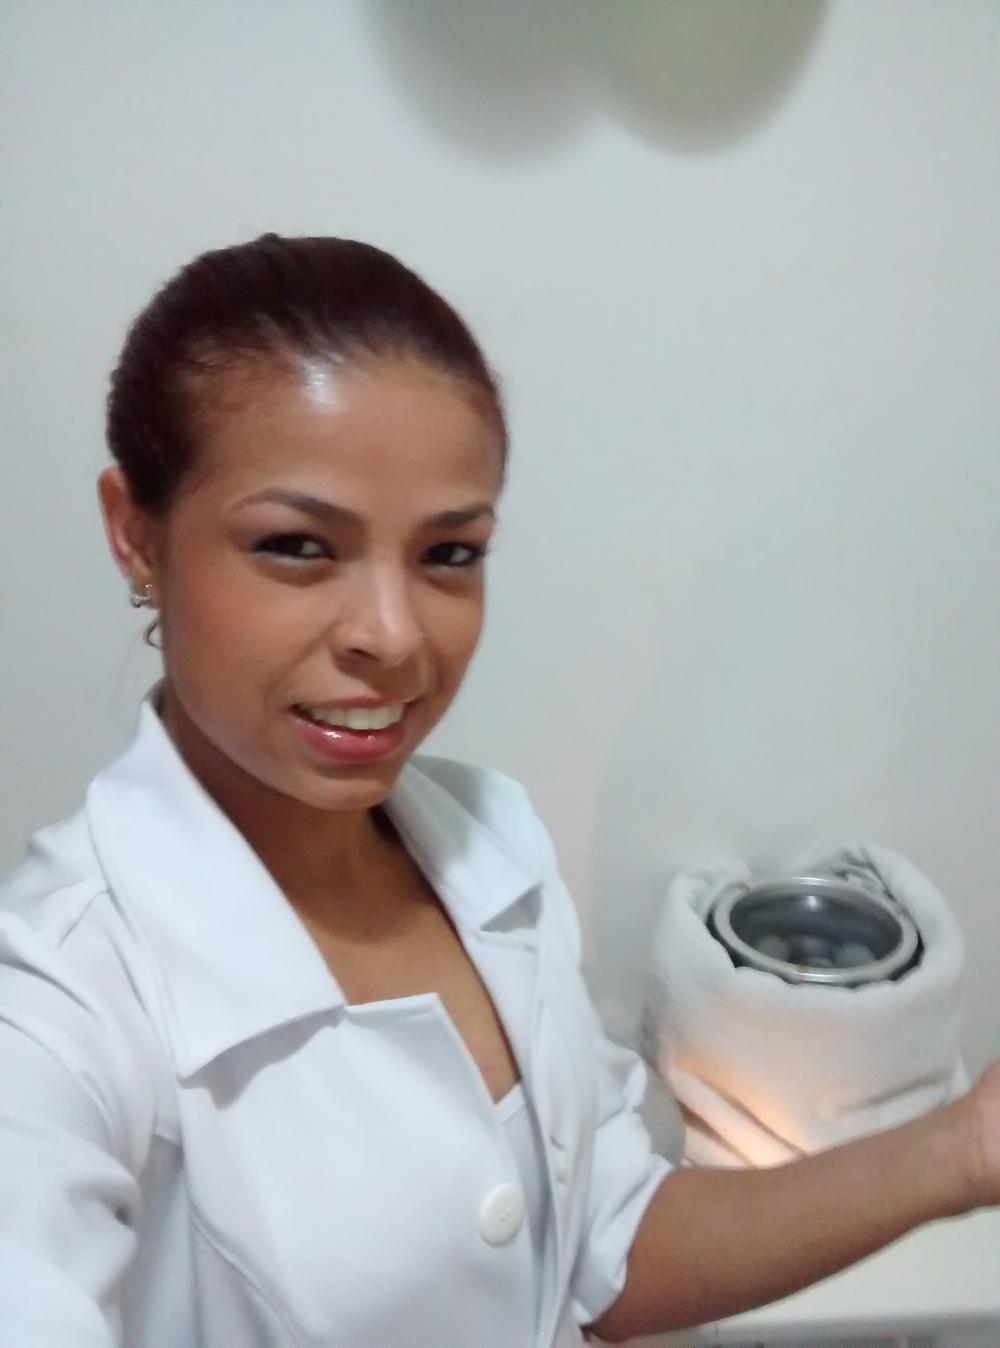 Tratamentos Estéticos para Gordura Localizada Preço Reserva Biológica Alto de Serra - Tratamentos Estéticos para o Rosto